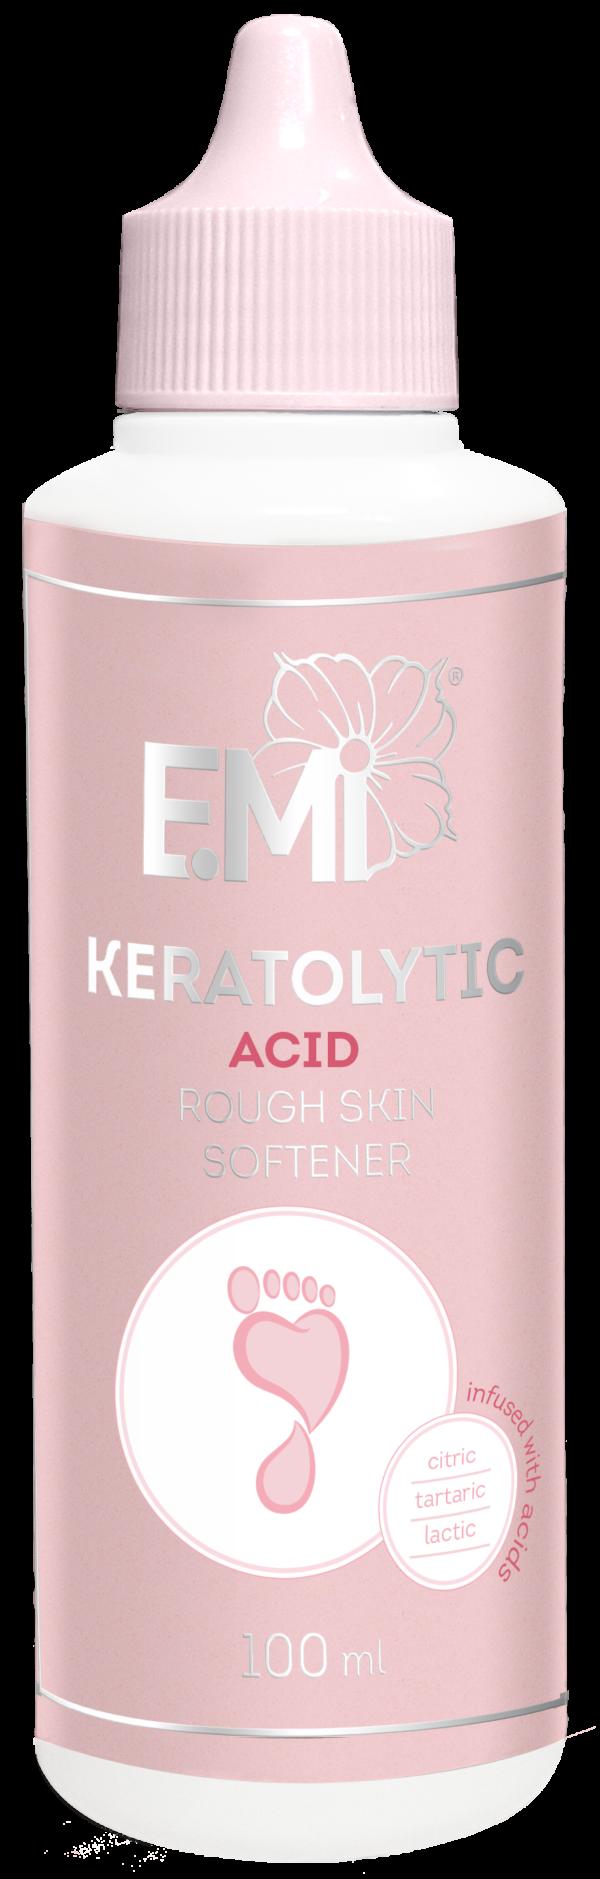 Acid-Based Keratolytic Softener for Rough Skin, 100ml